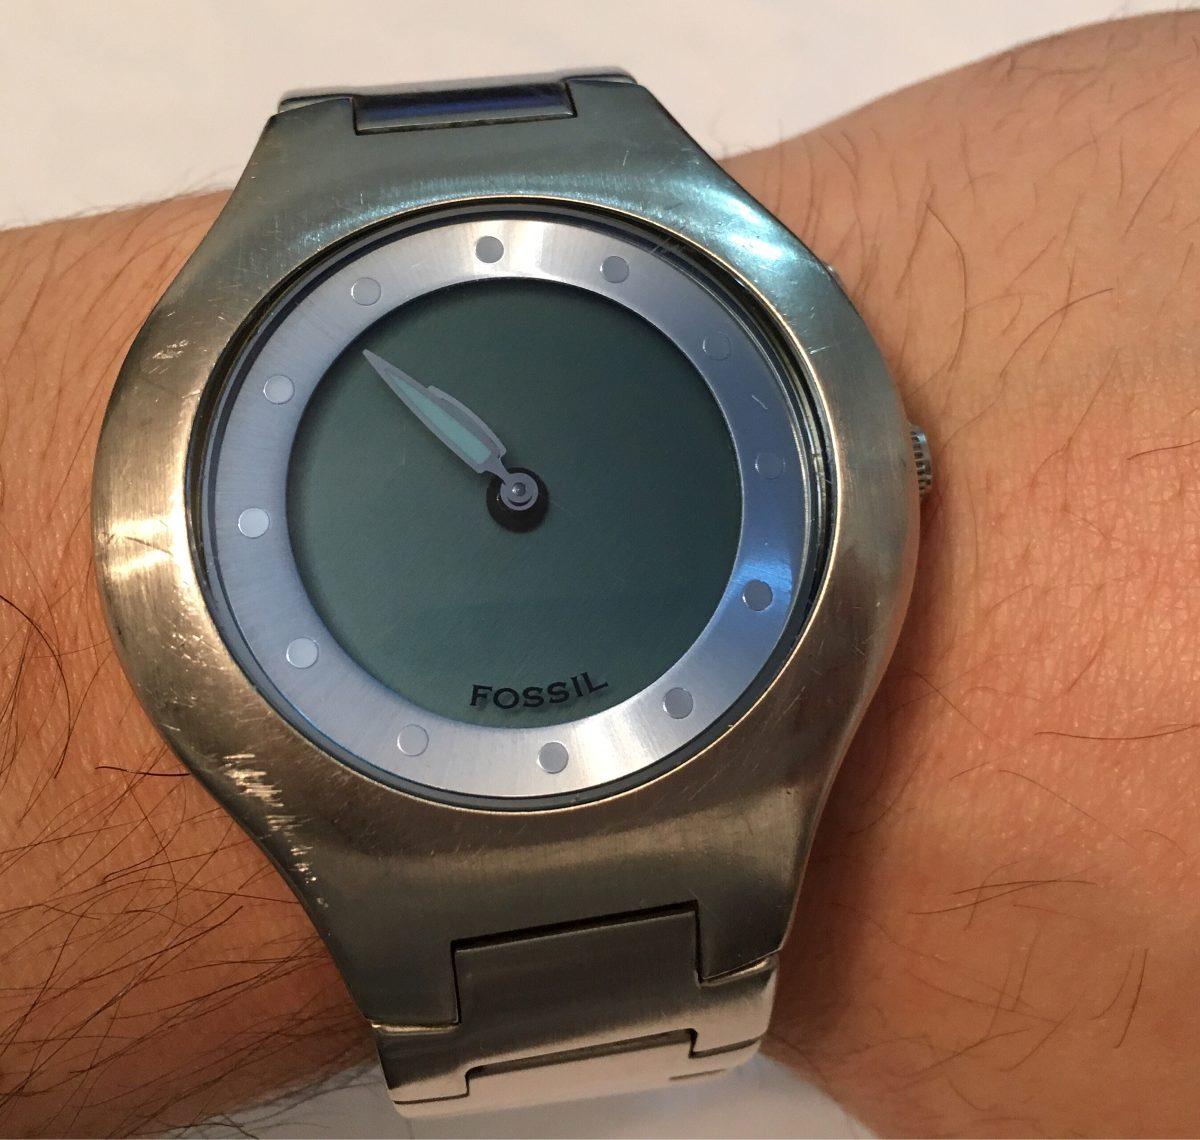 bajo precio 93f47 909bc Reloj Fossil Big Tic De Acero Con Pantalla Azul Y Digital - $ 450,00